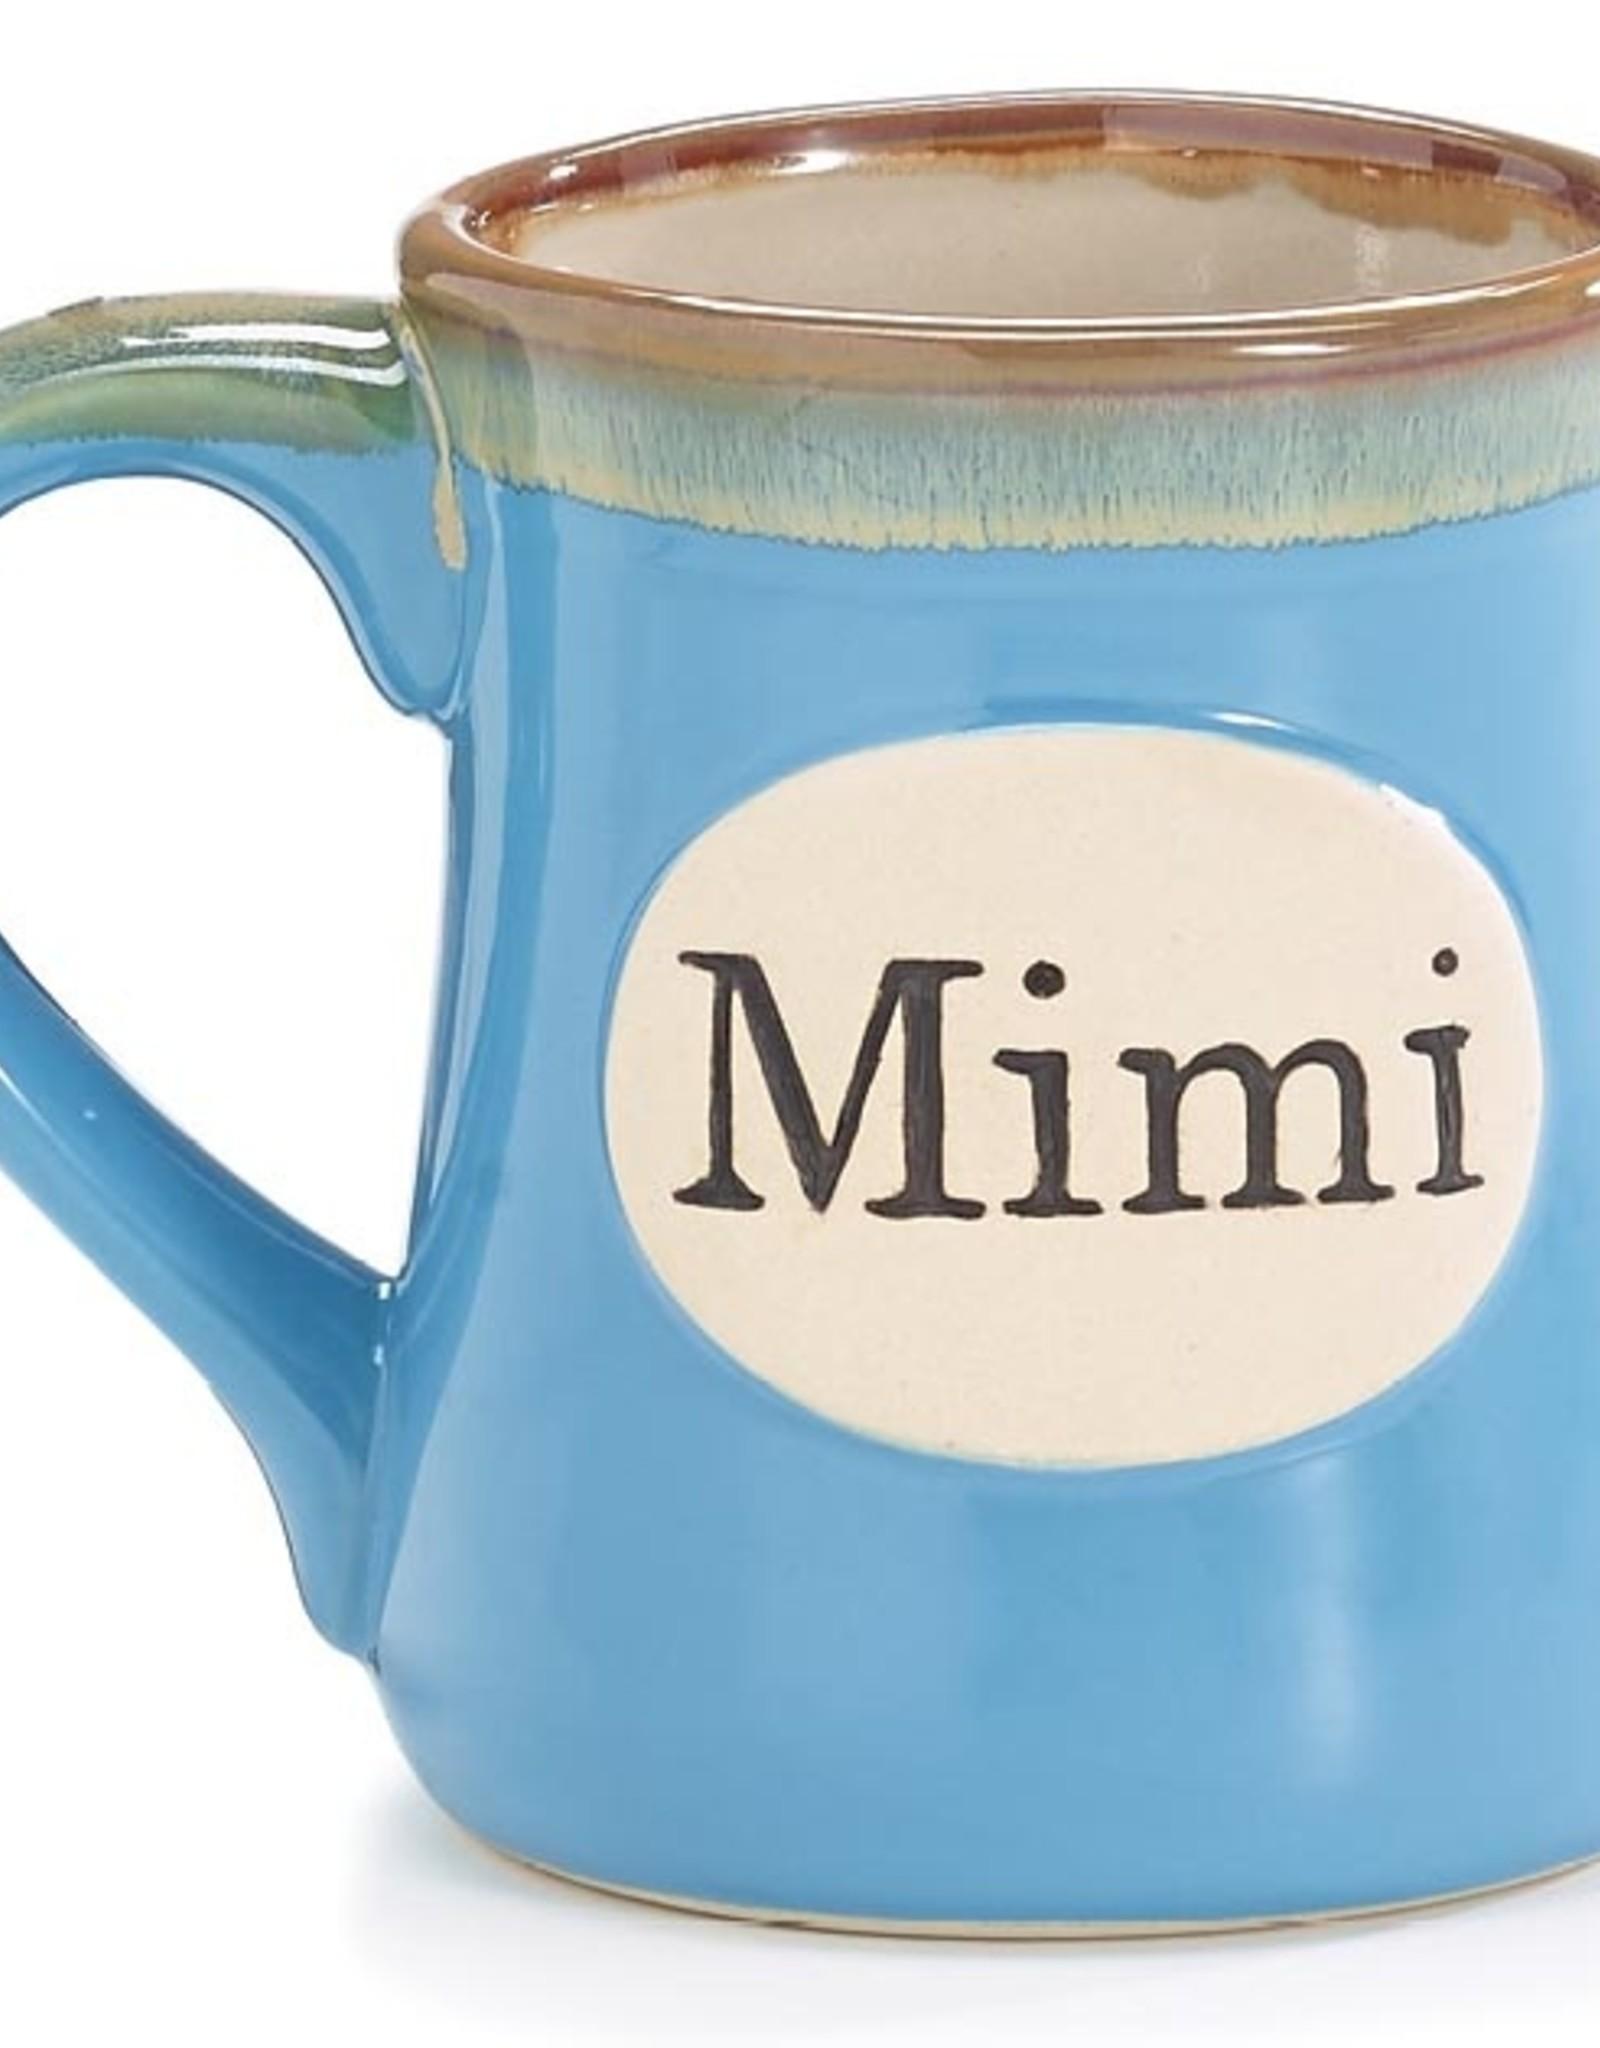 Wink Best Job I've Ever Had Mug